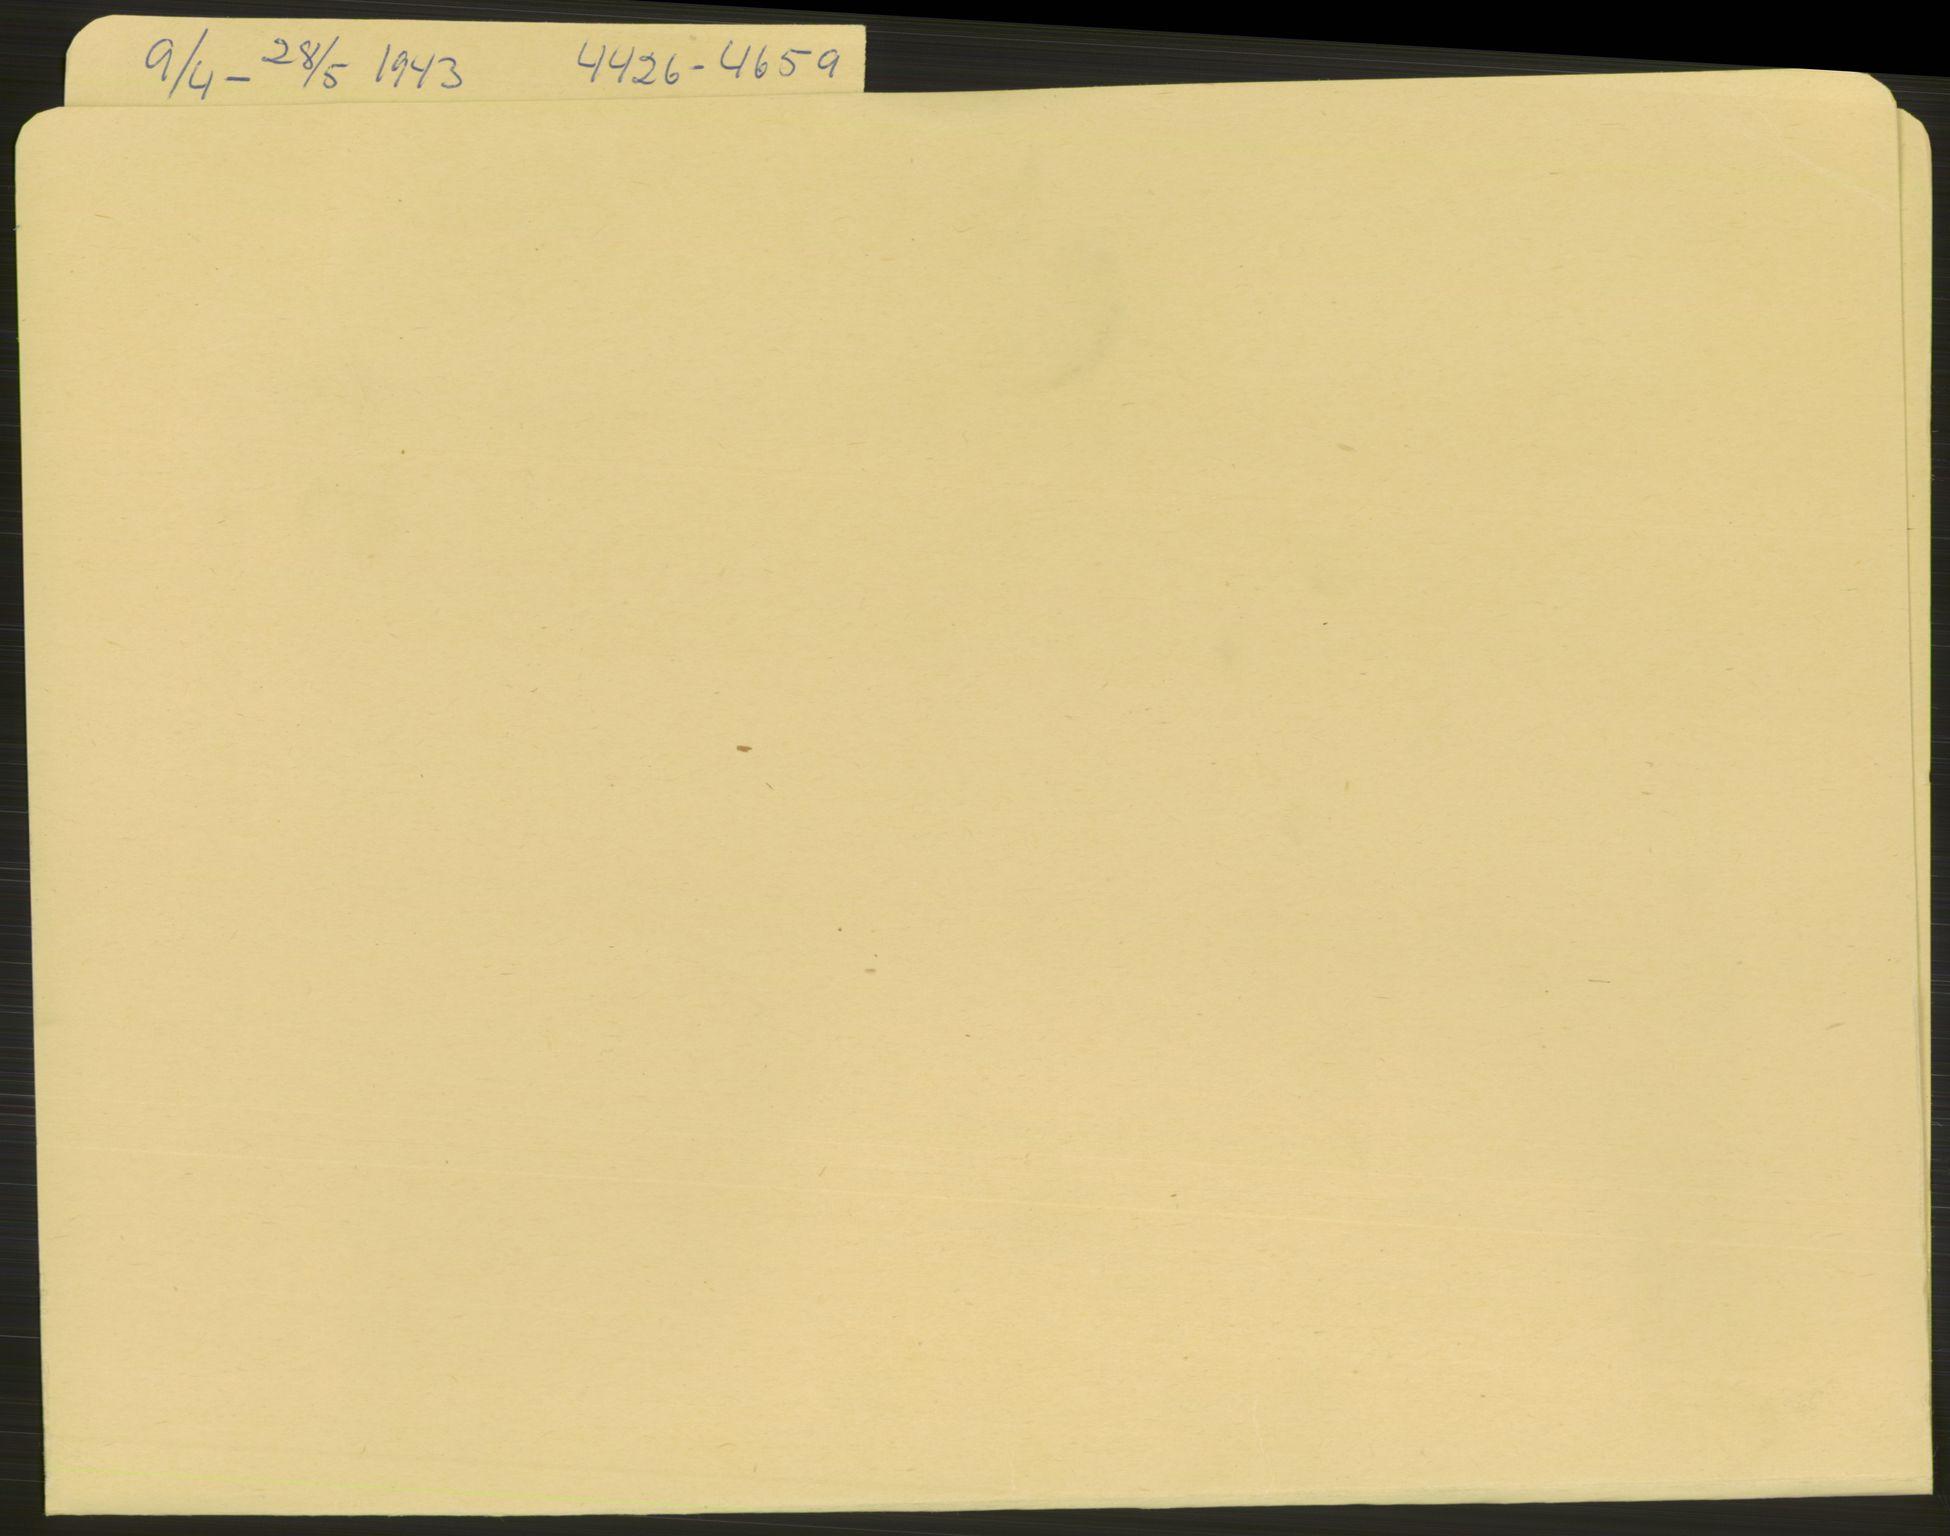 RA, Befehlshaber der Sicherheitspolizei und des SD, E/Ea/Eae/L0001: Einlieferungsschein 4426-5100, 1943